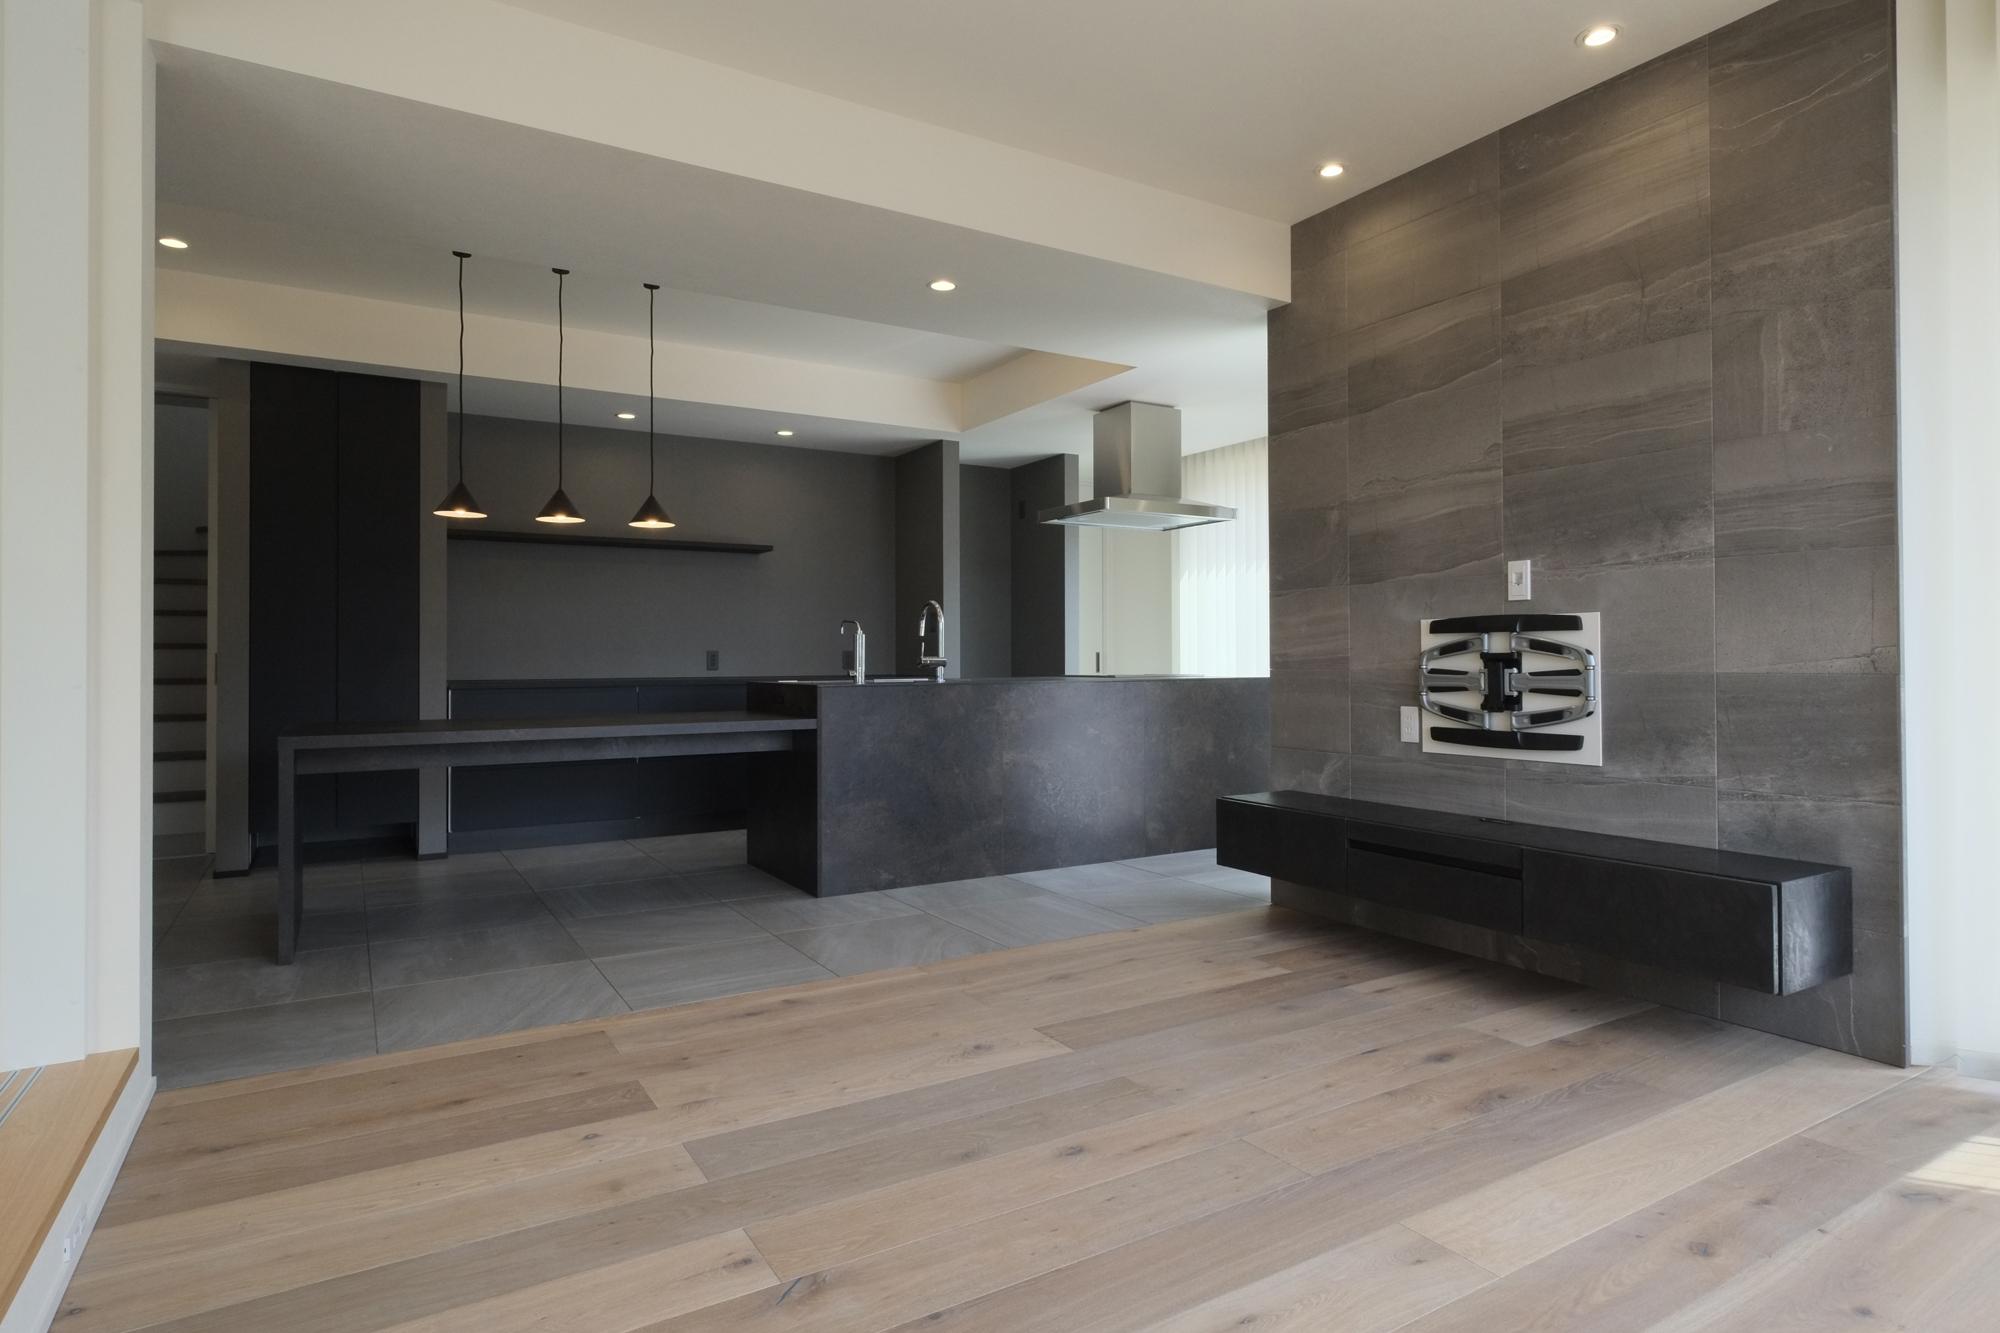 床の無垢材、タイルが貼られたアクセントウォール、キッチン。素敵なグレーグラデーション。